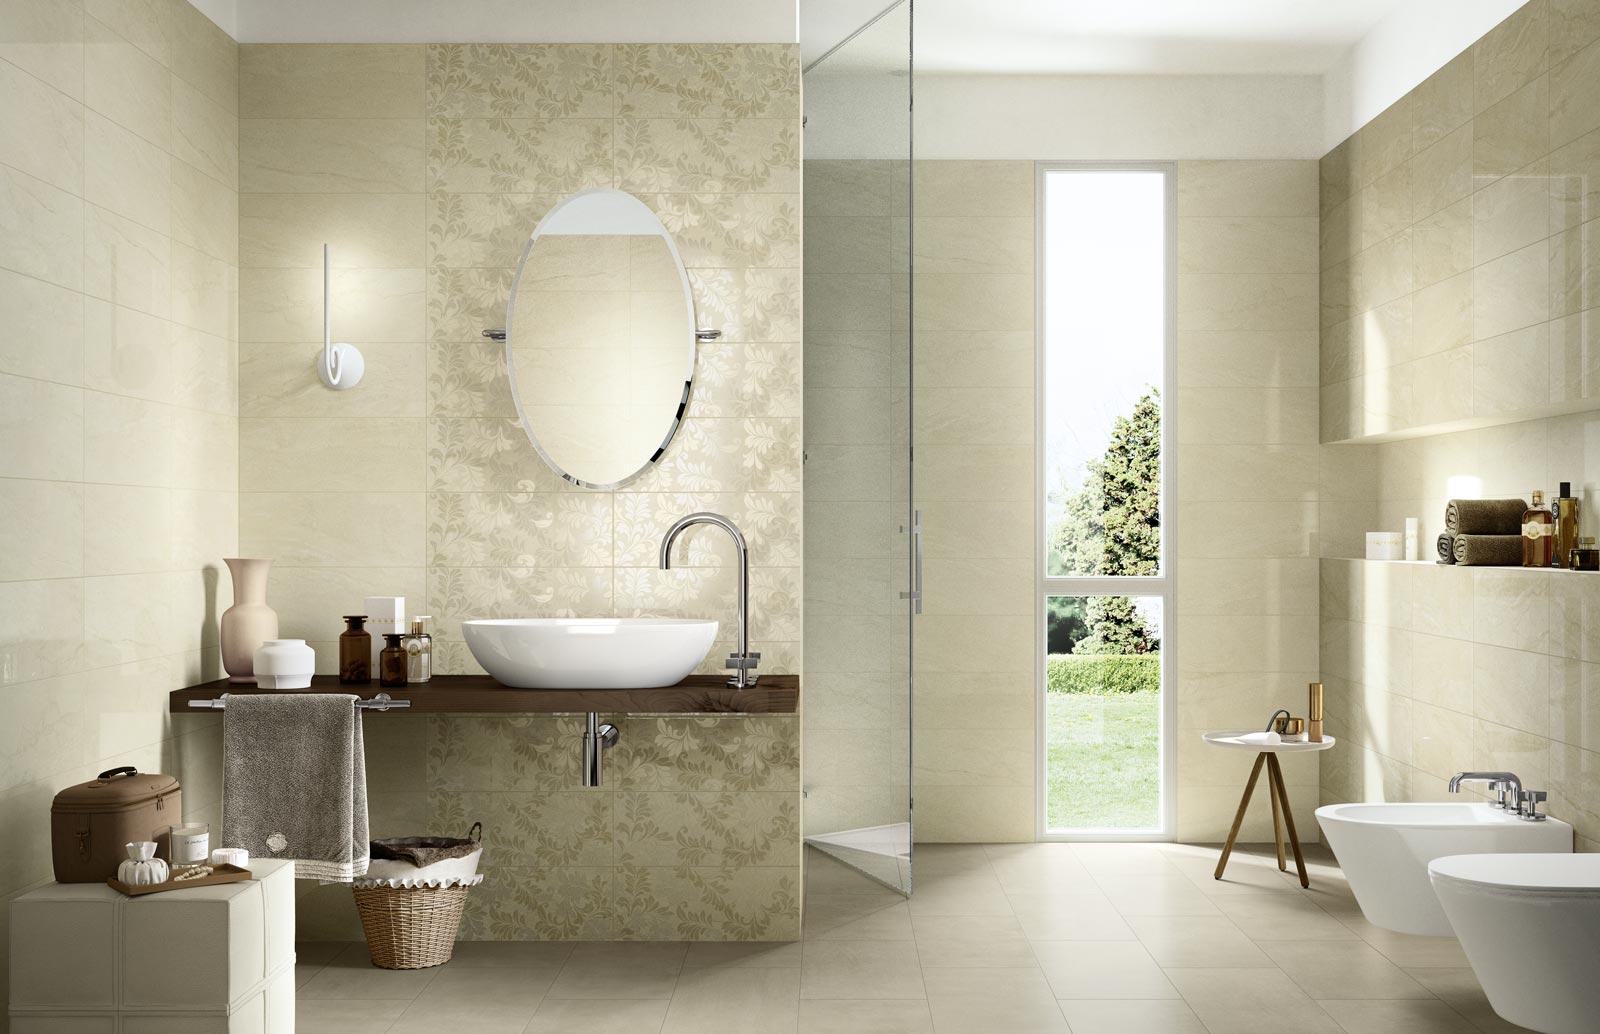 collezione grace piastrelle in ceramica per il tuo bagno